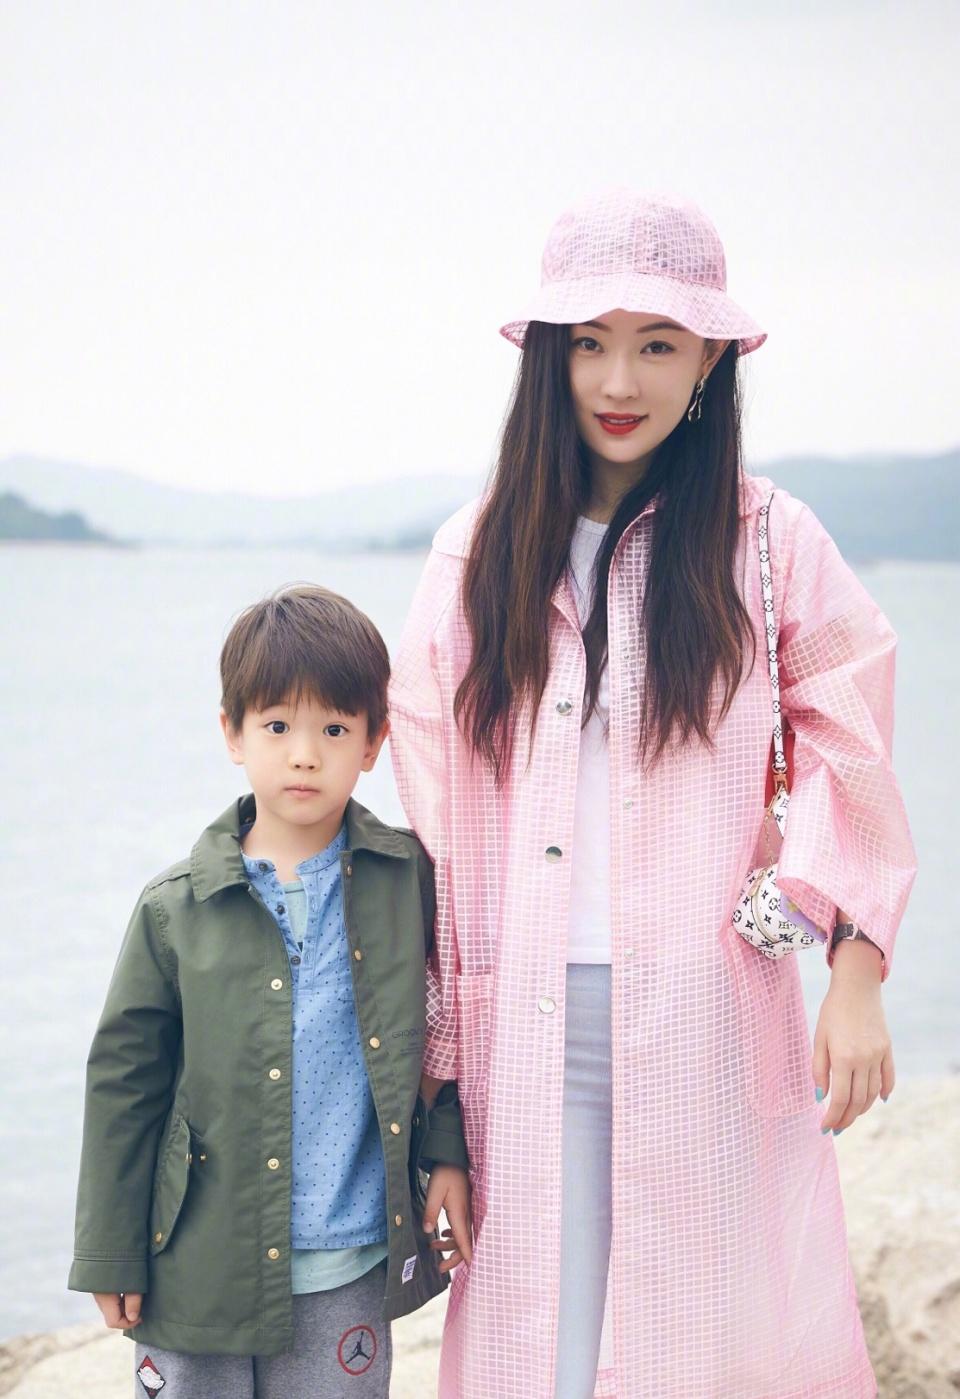 霍思燕粉嫩穿搭满是青春少女感,难怪嗯哼和杜江都把她宠成公主!